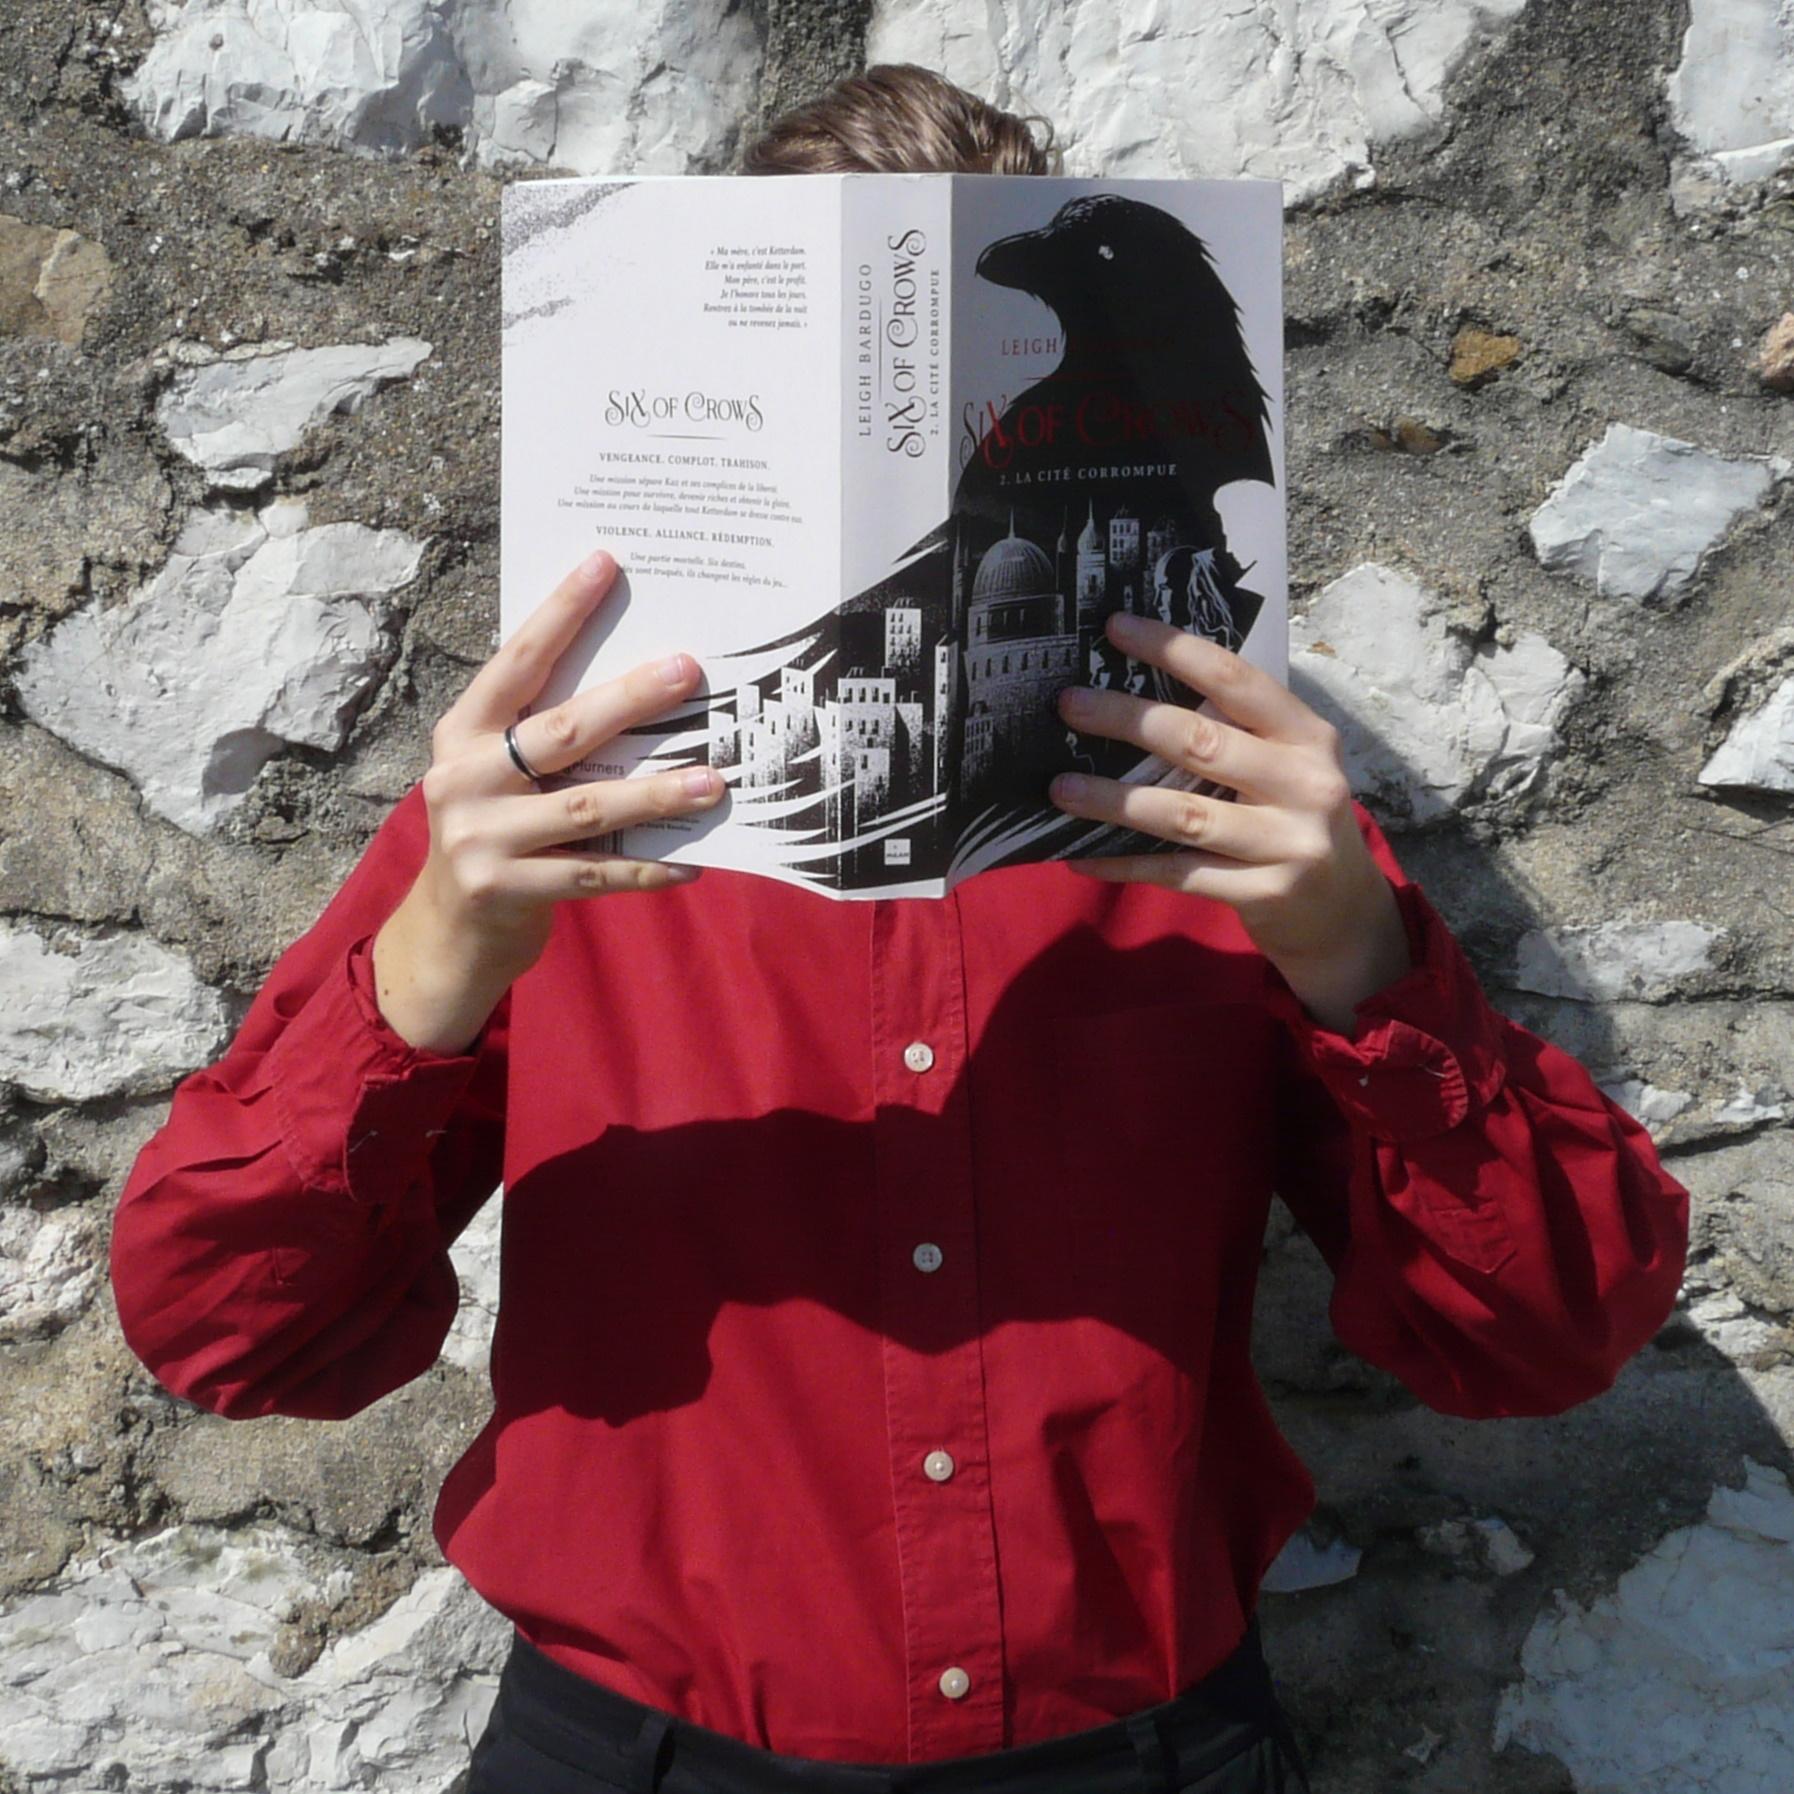 personne en chemise rouge lisant La Cité Corrompue devant un mur de pierres